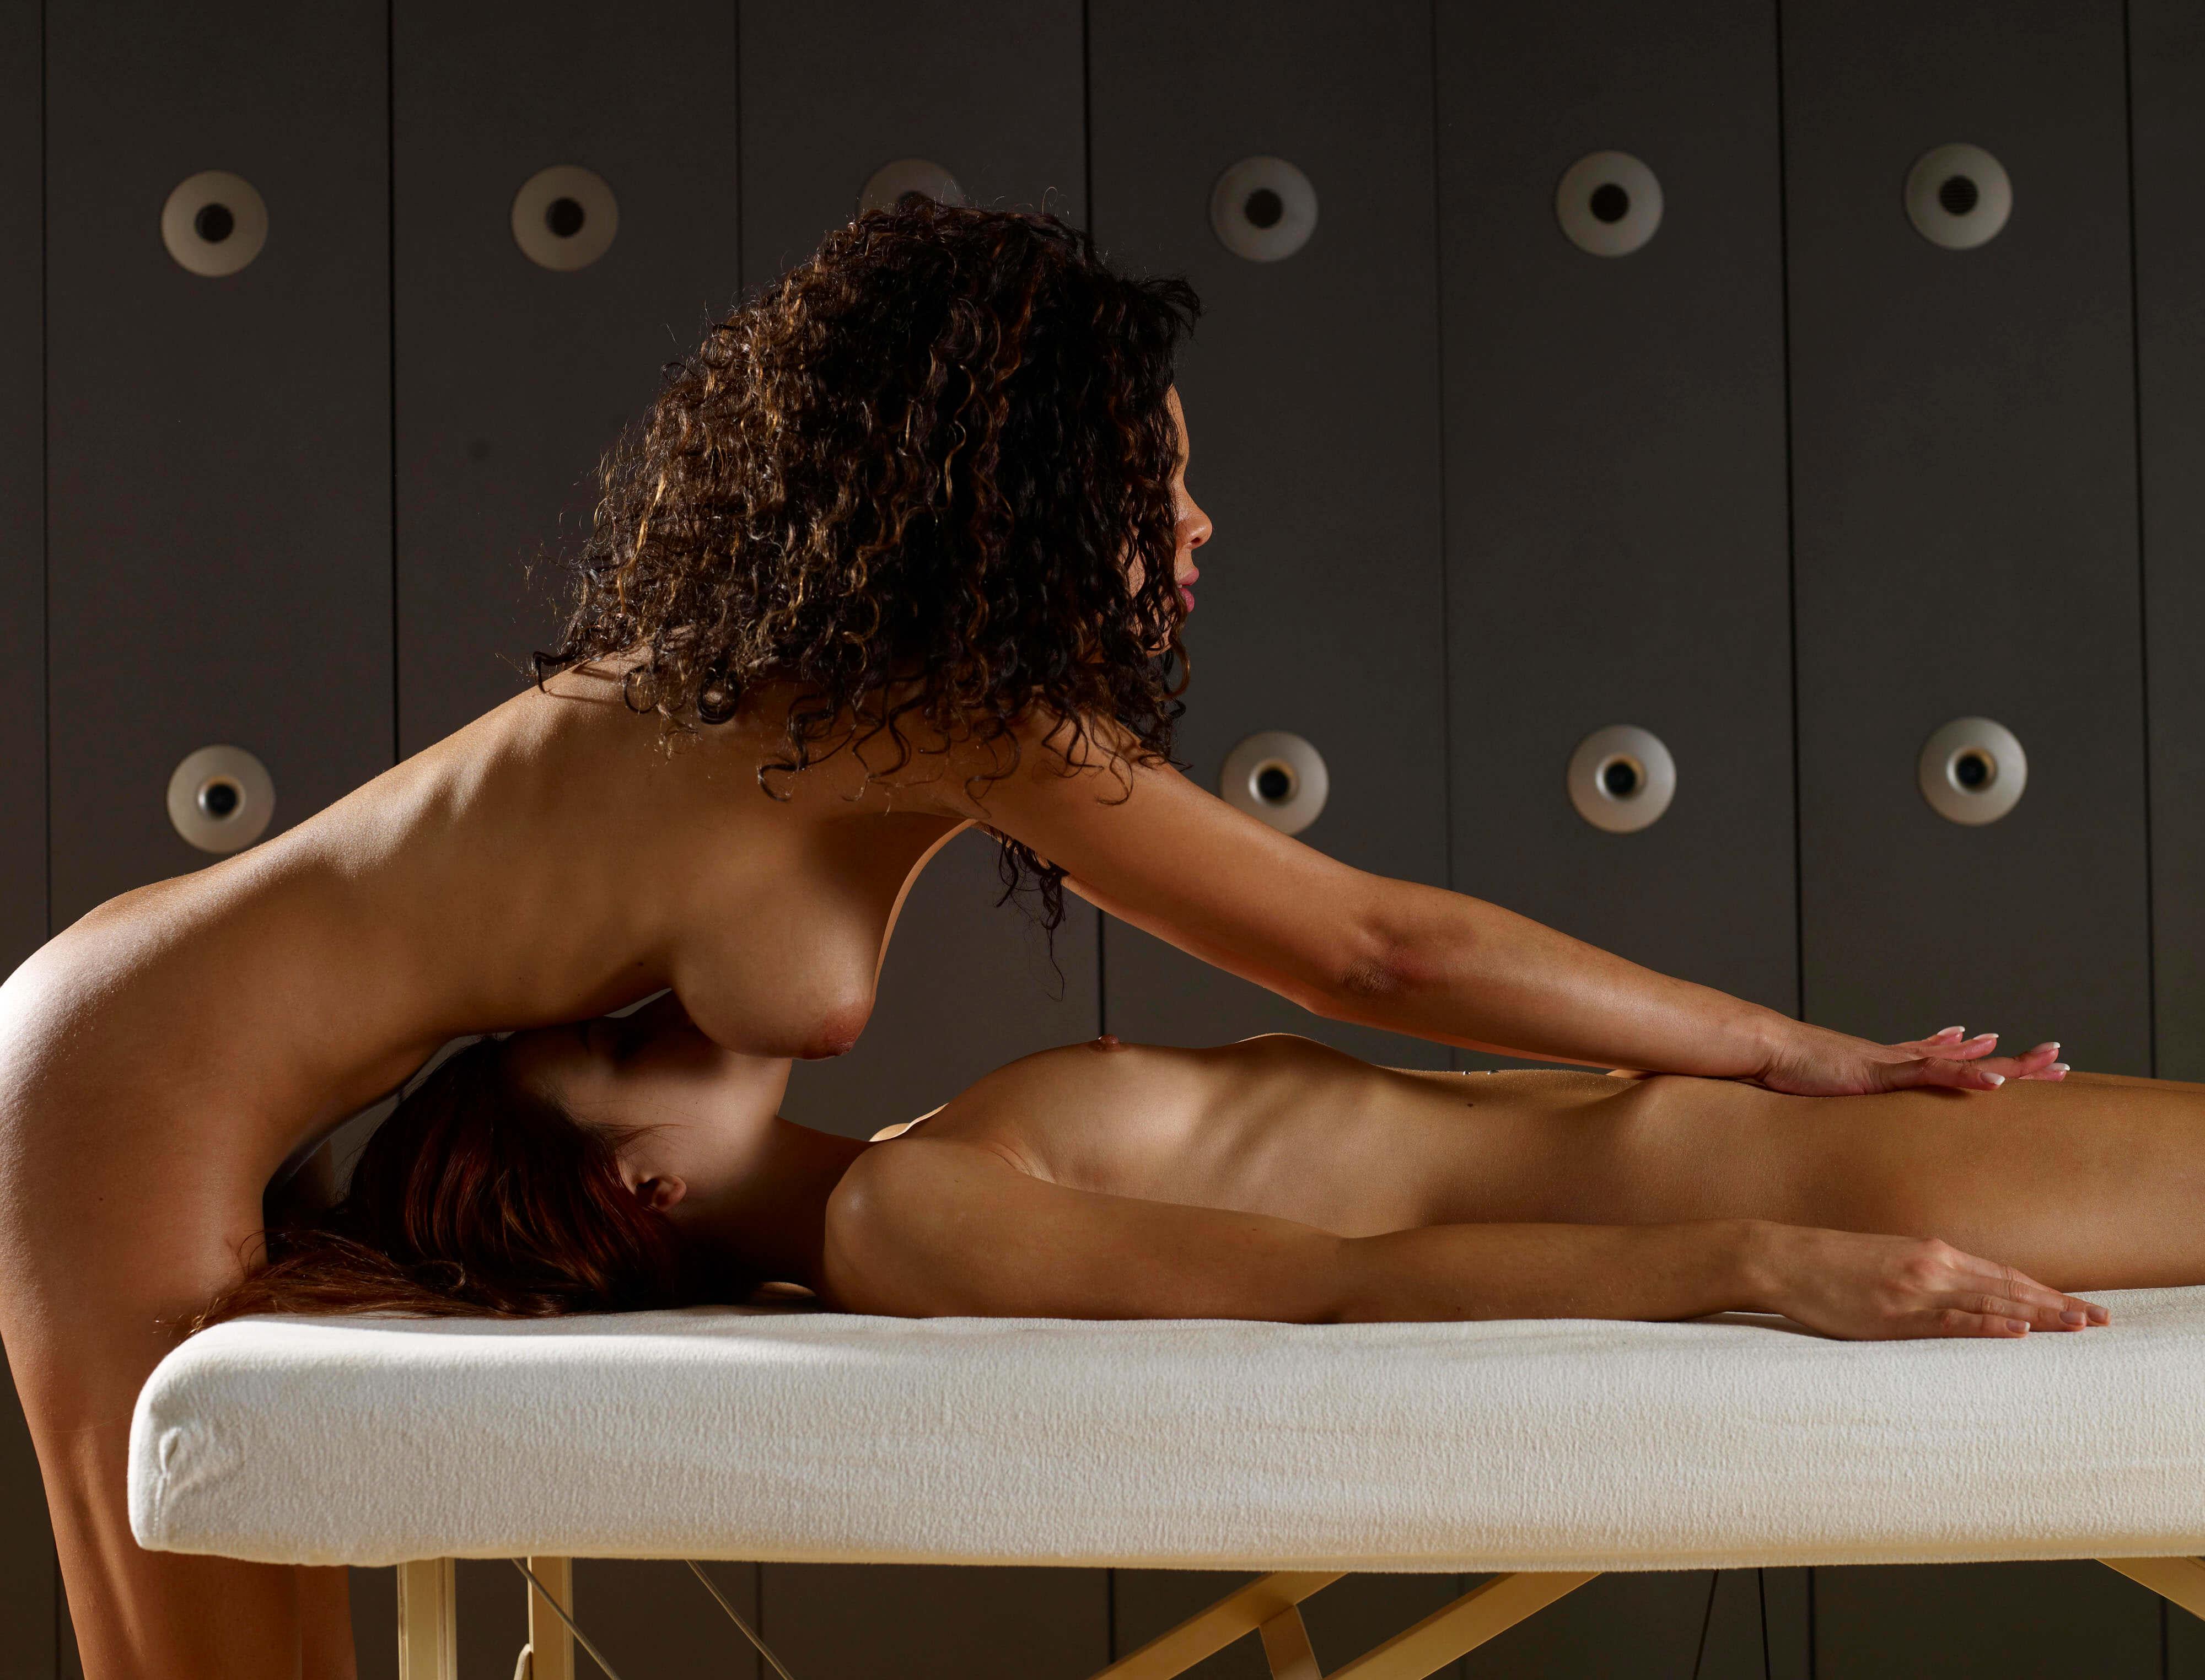 girls massaging each other